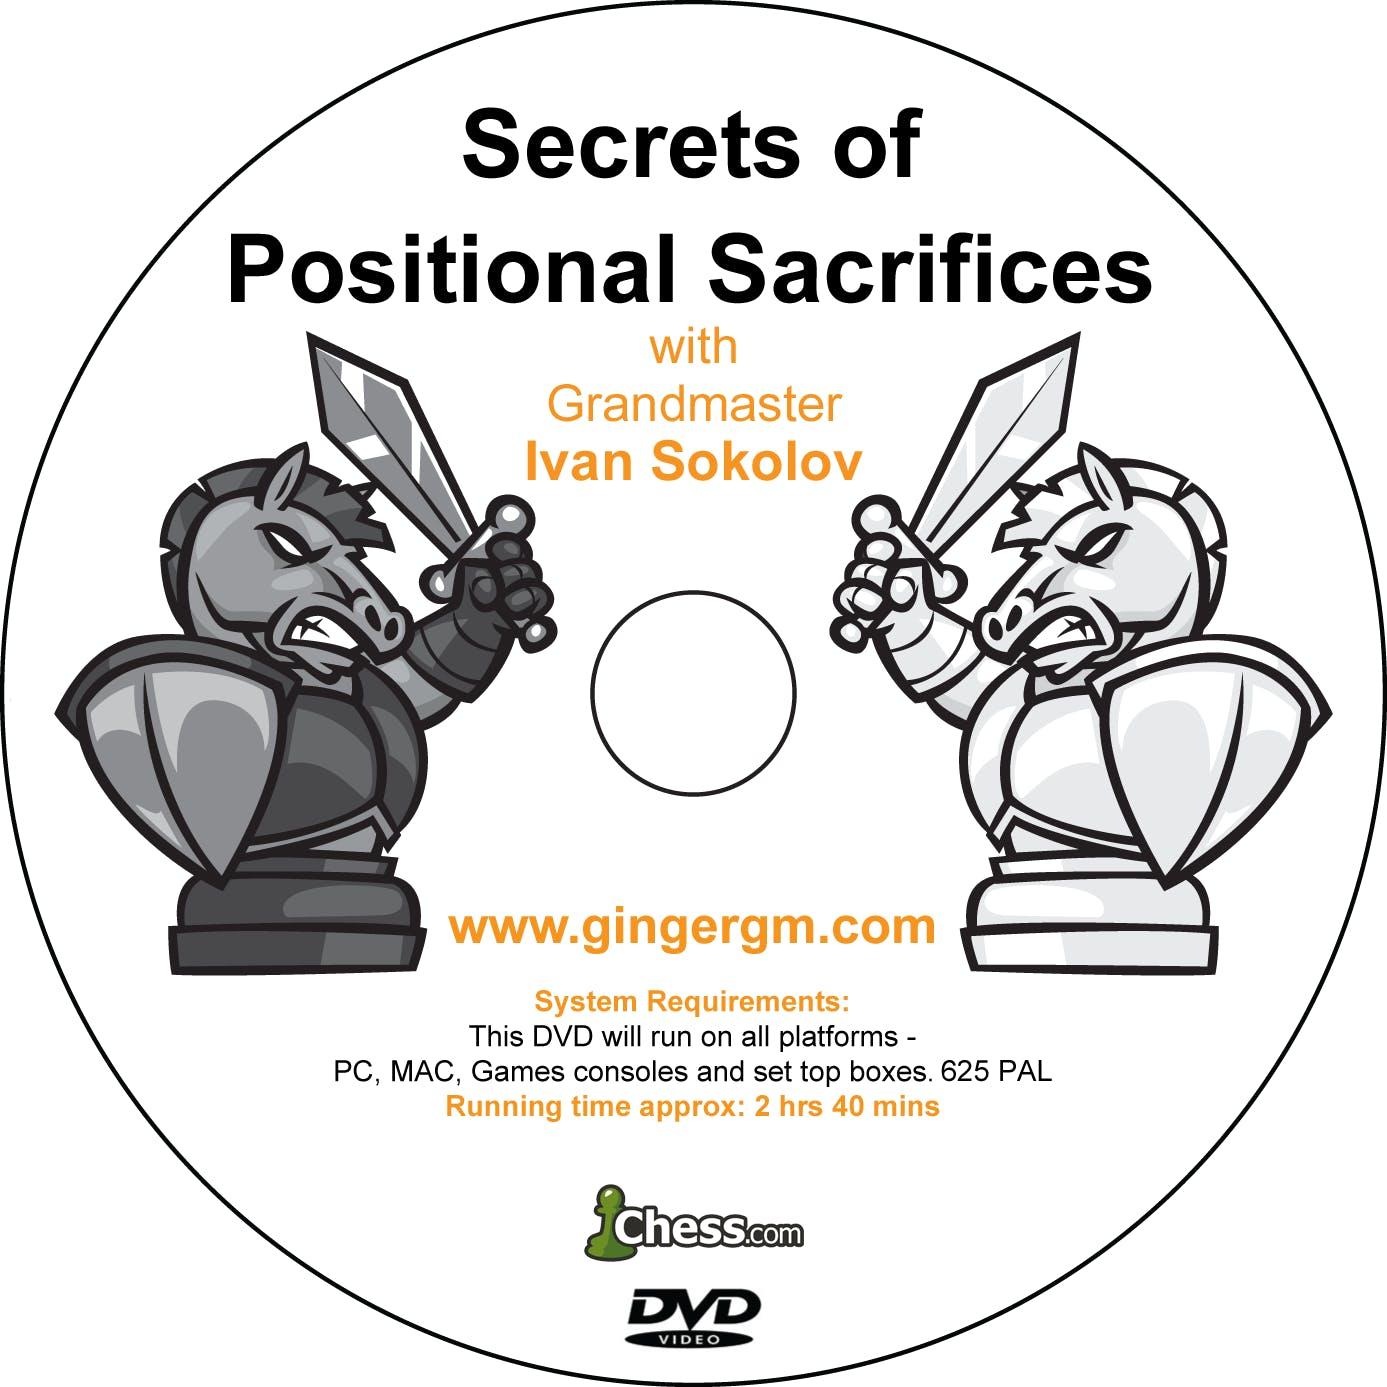 Secrets of Positional Sacrifices